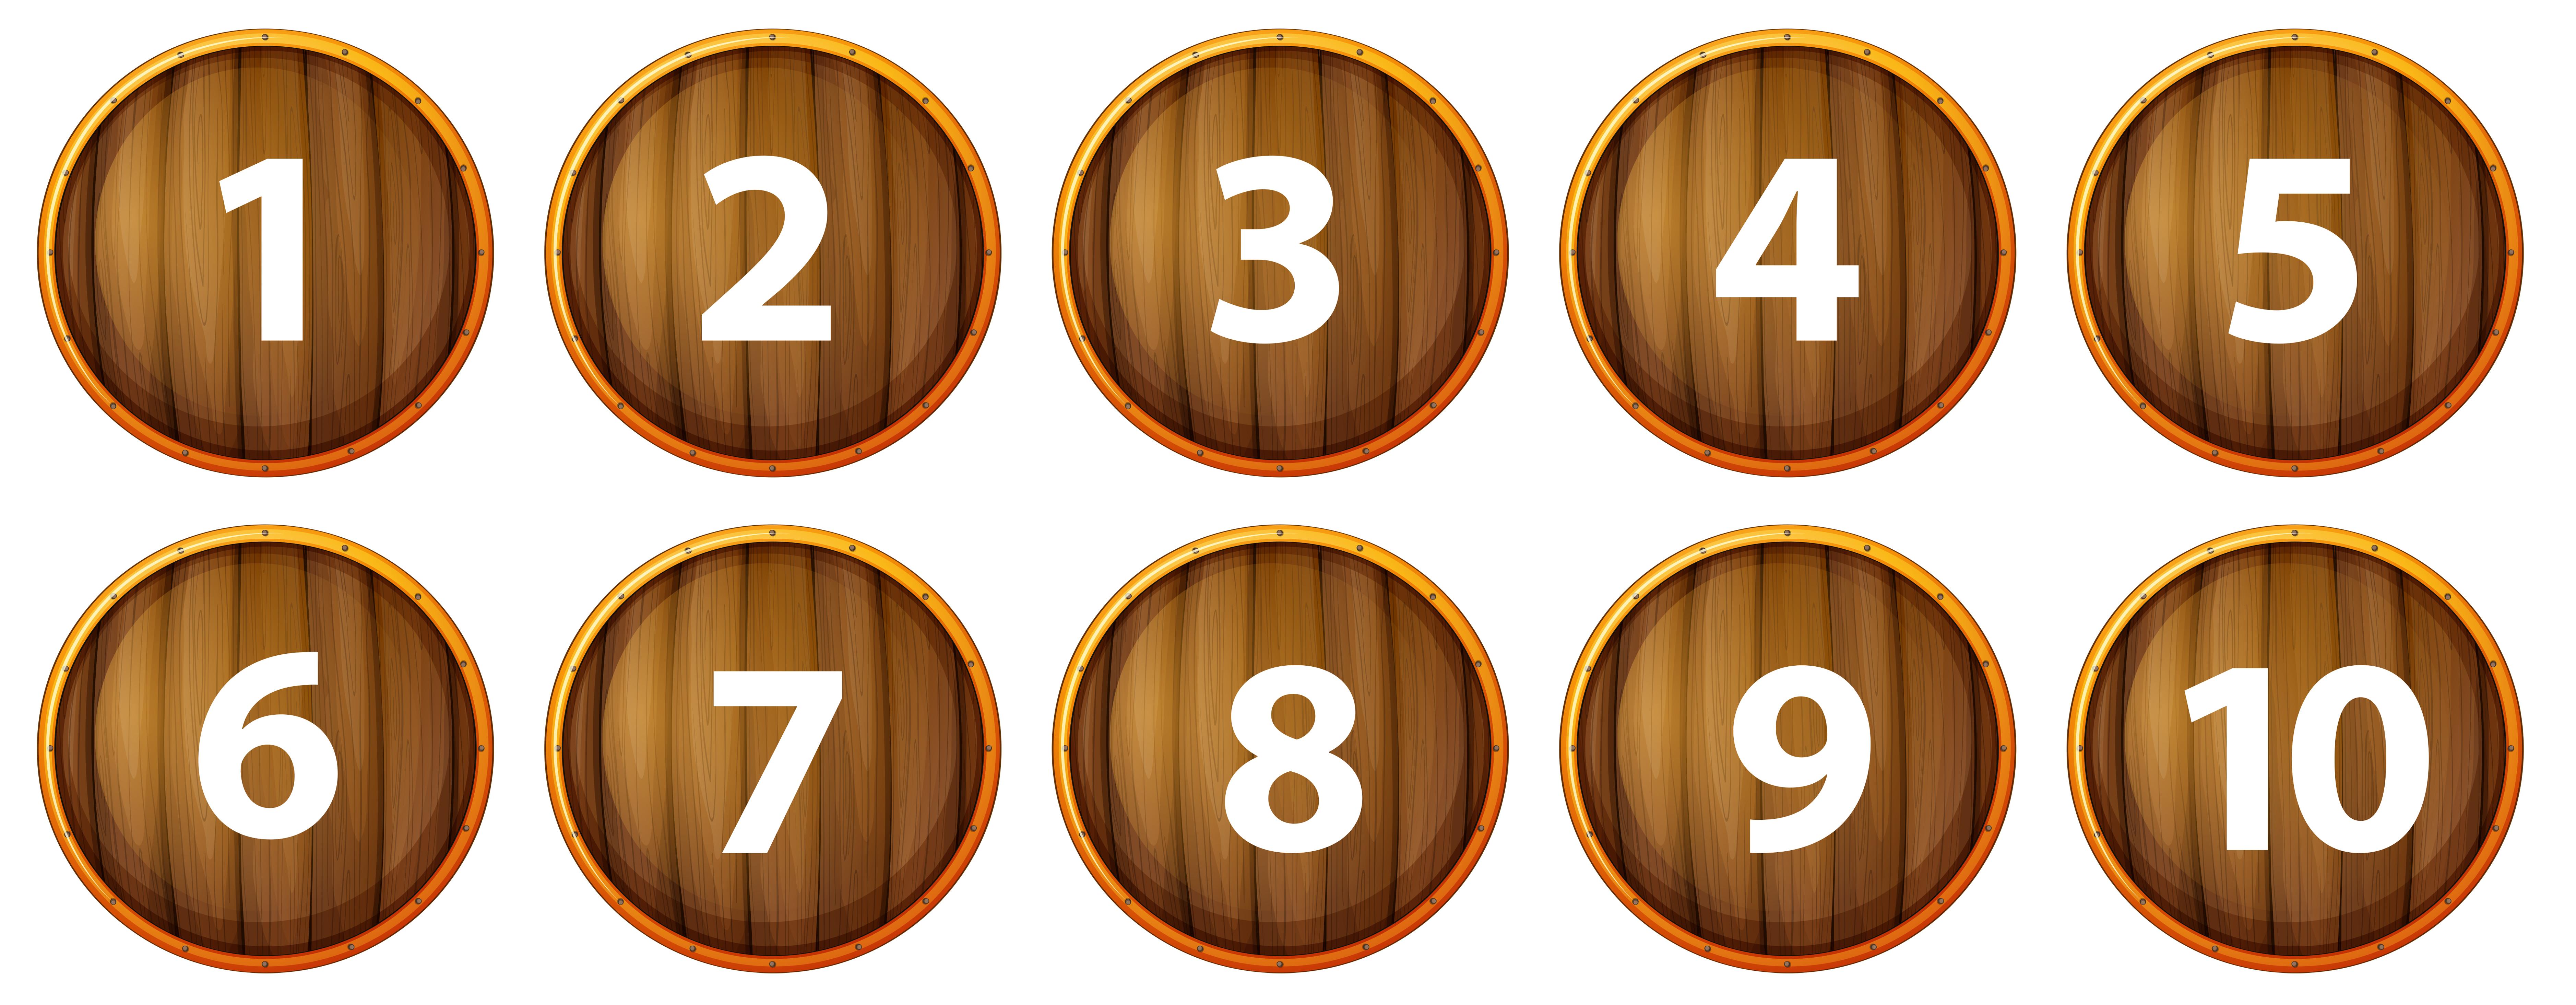 數字icon